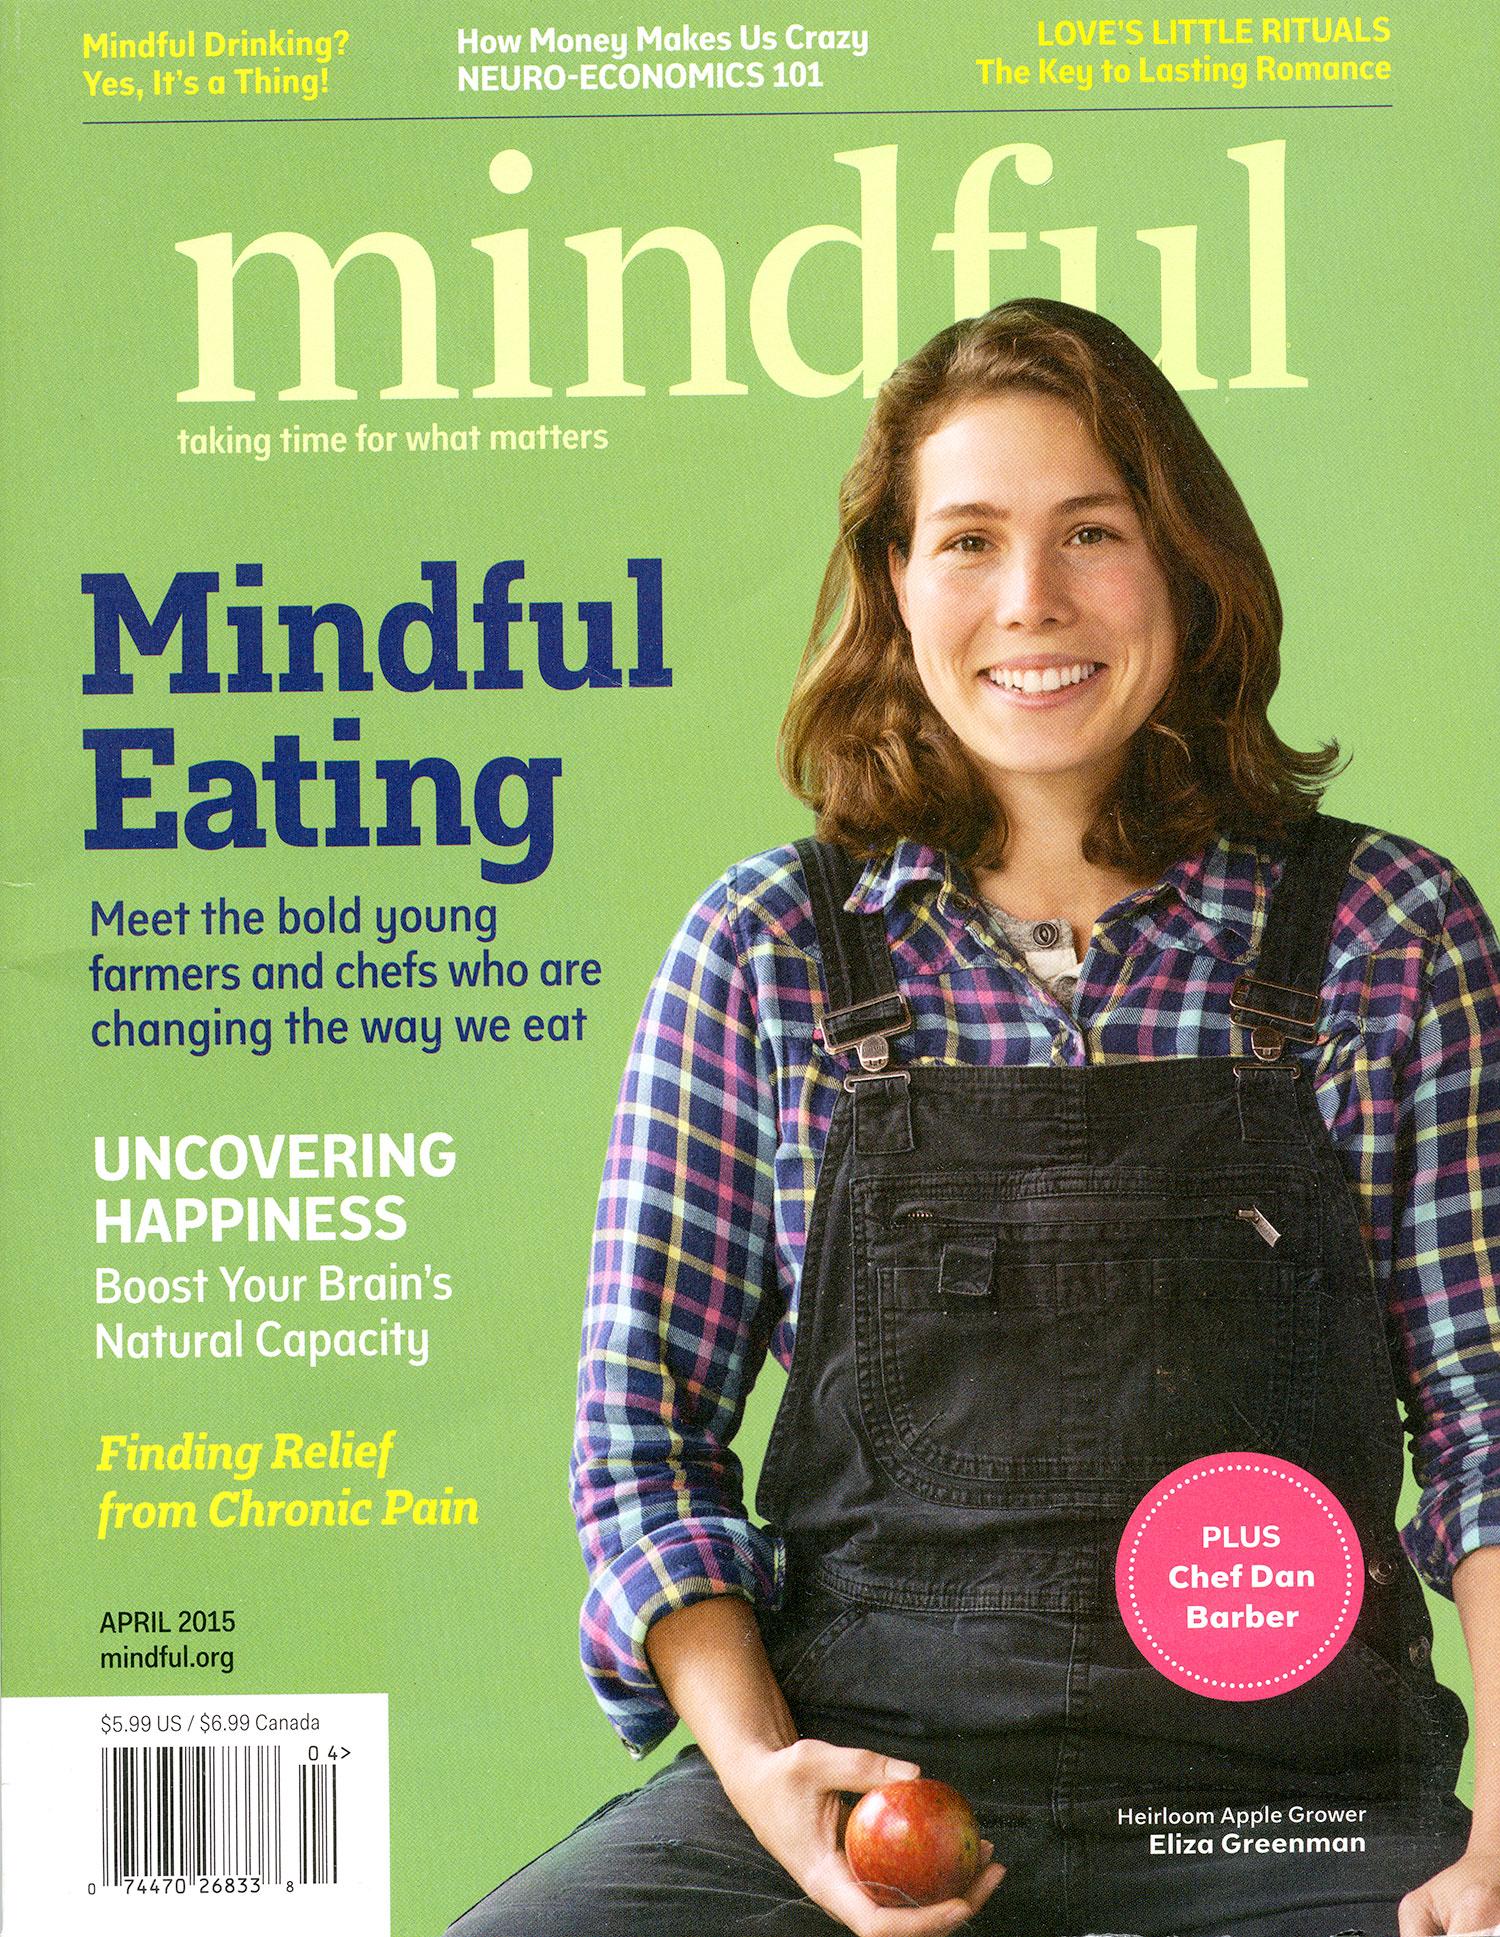 Mindful-Eliza-Cover-4-web-holder.jpg